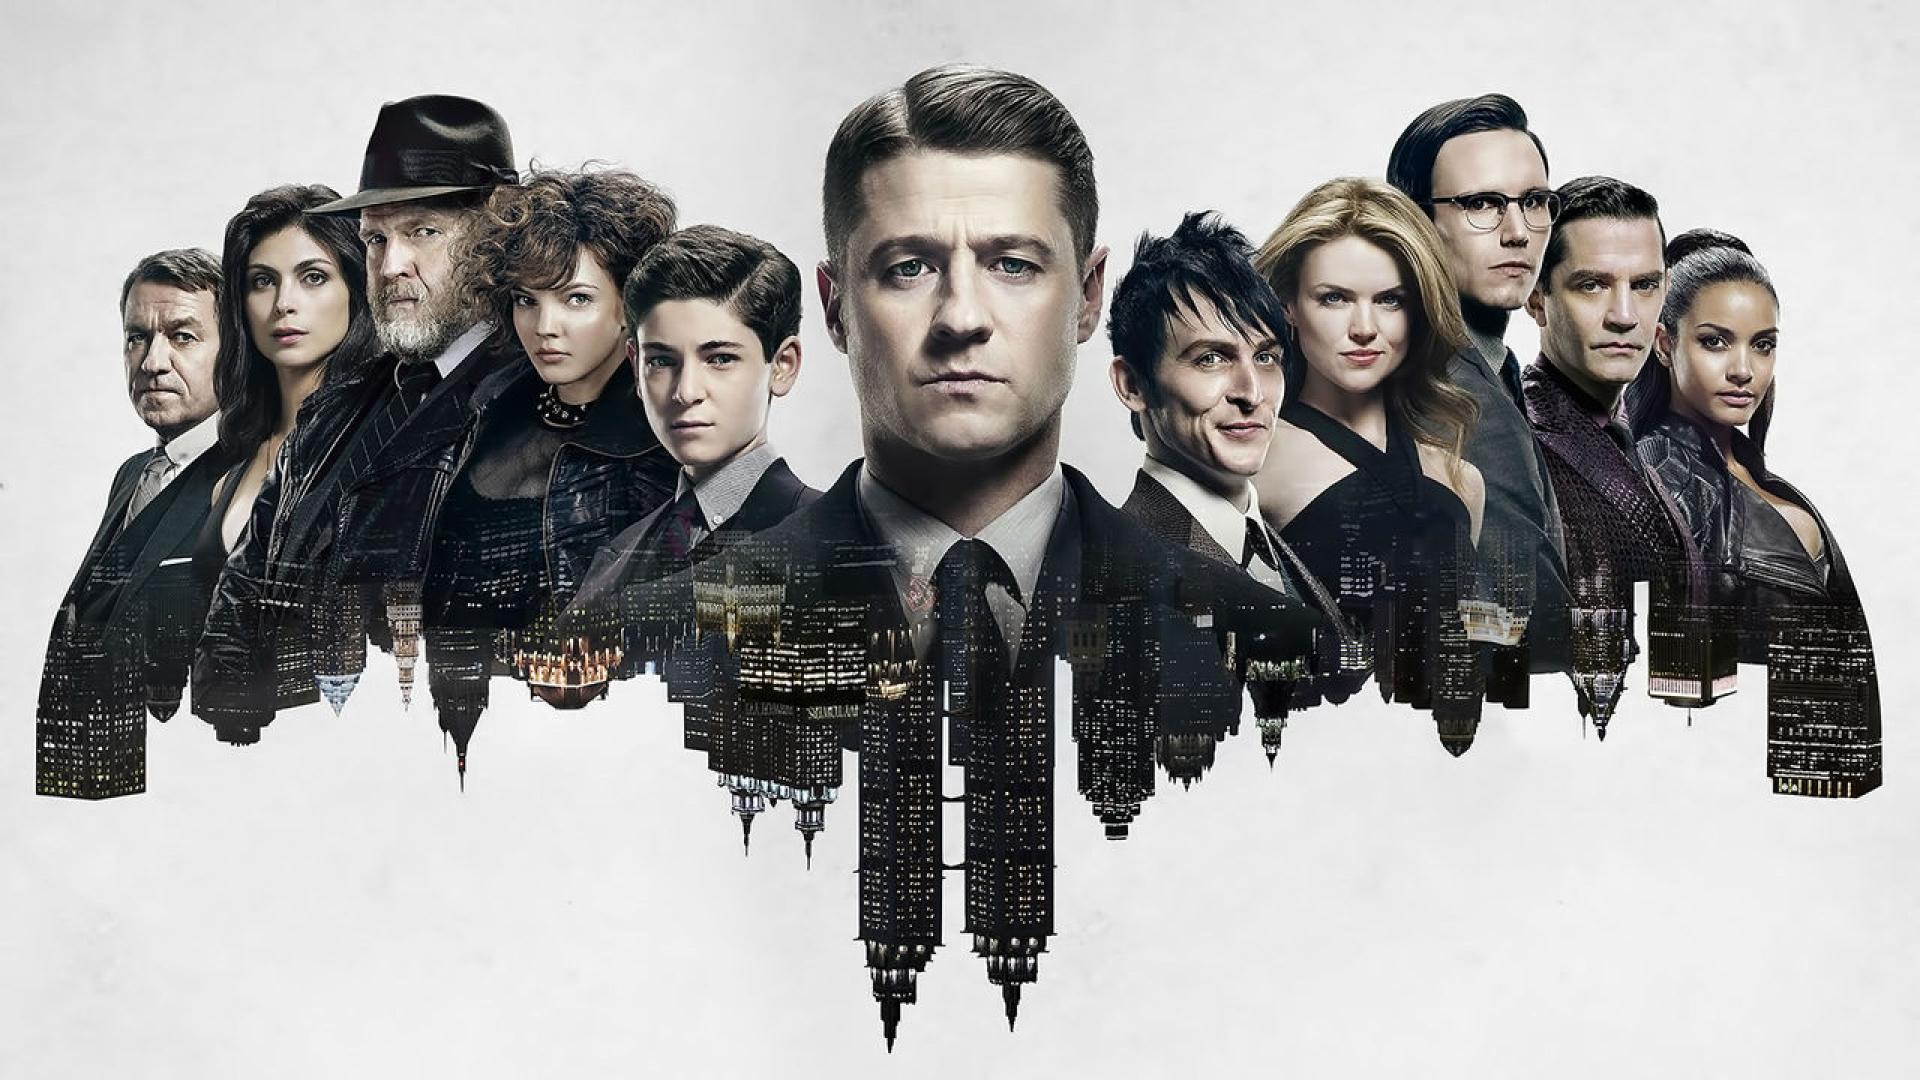 Kiderült, mi lesz a Gotham sorsa